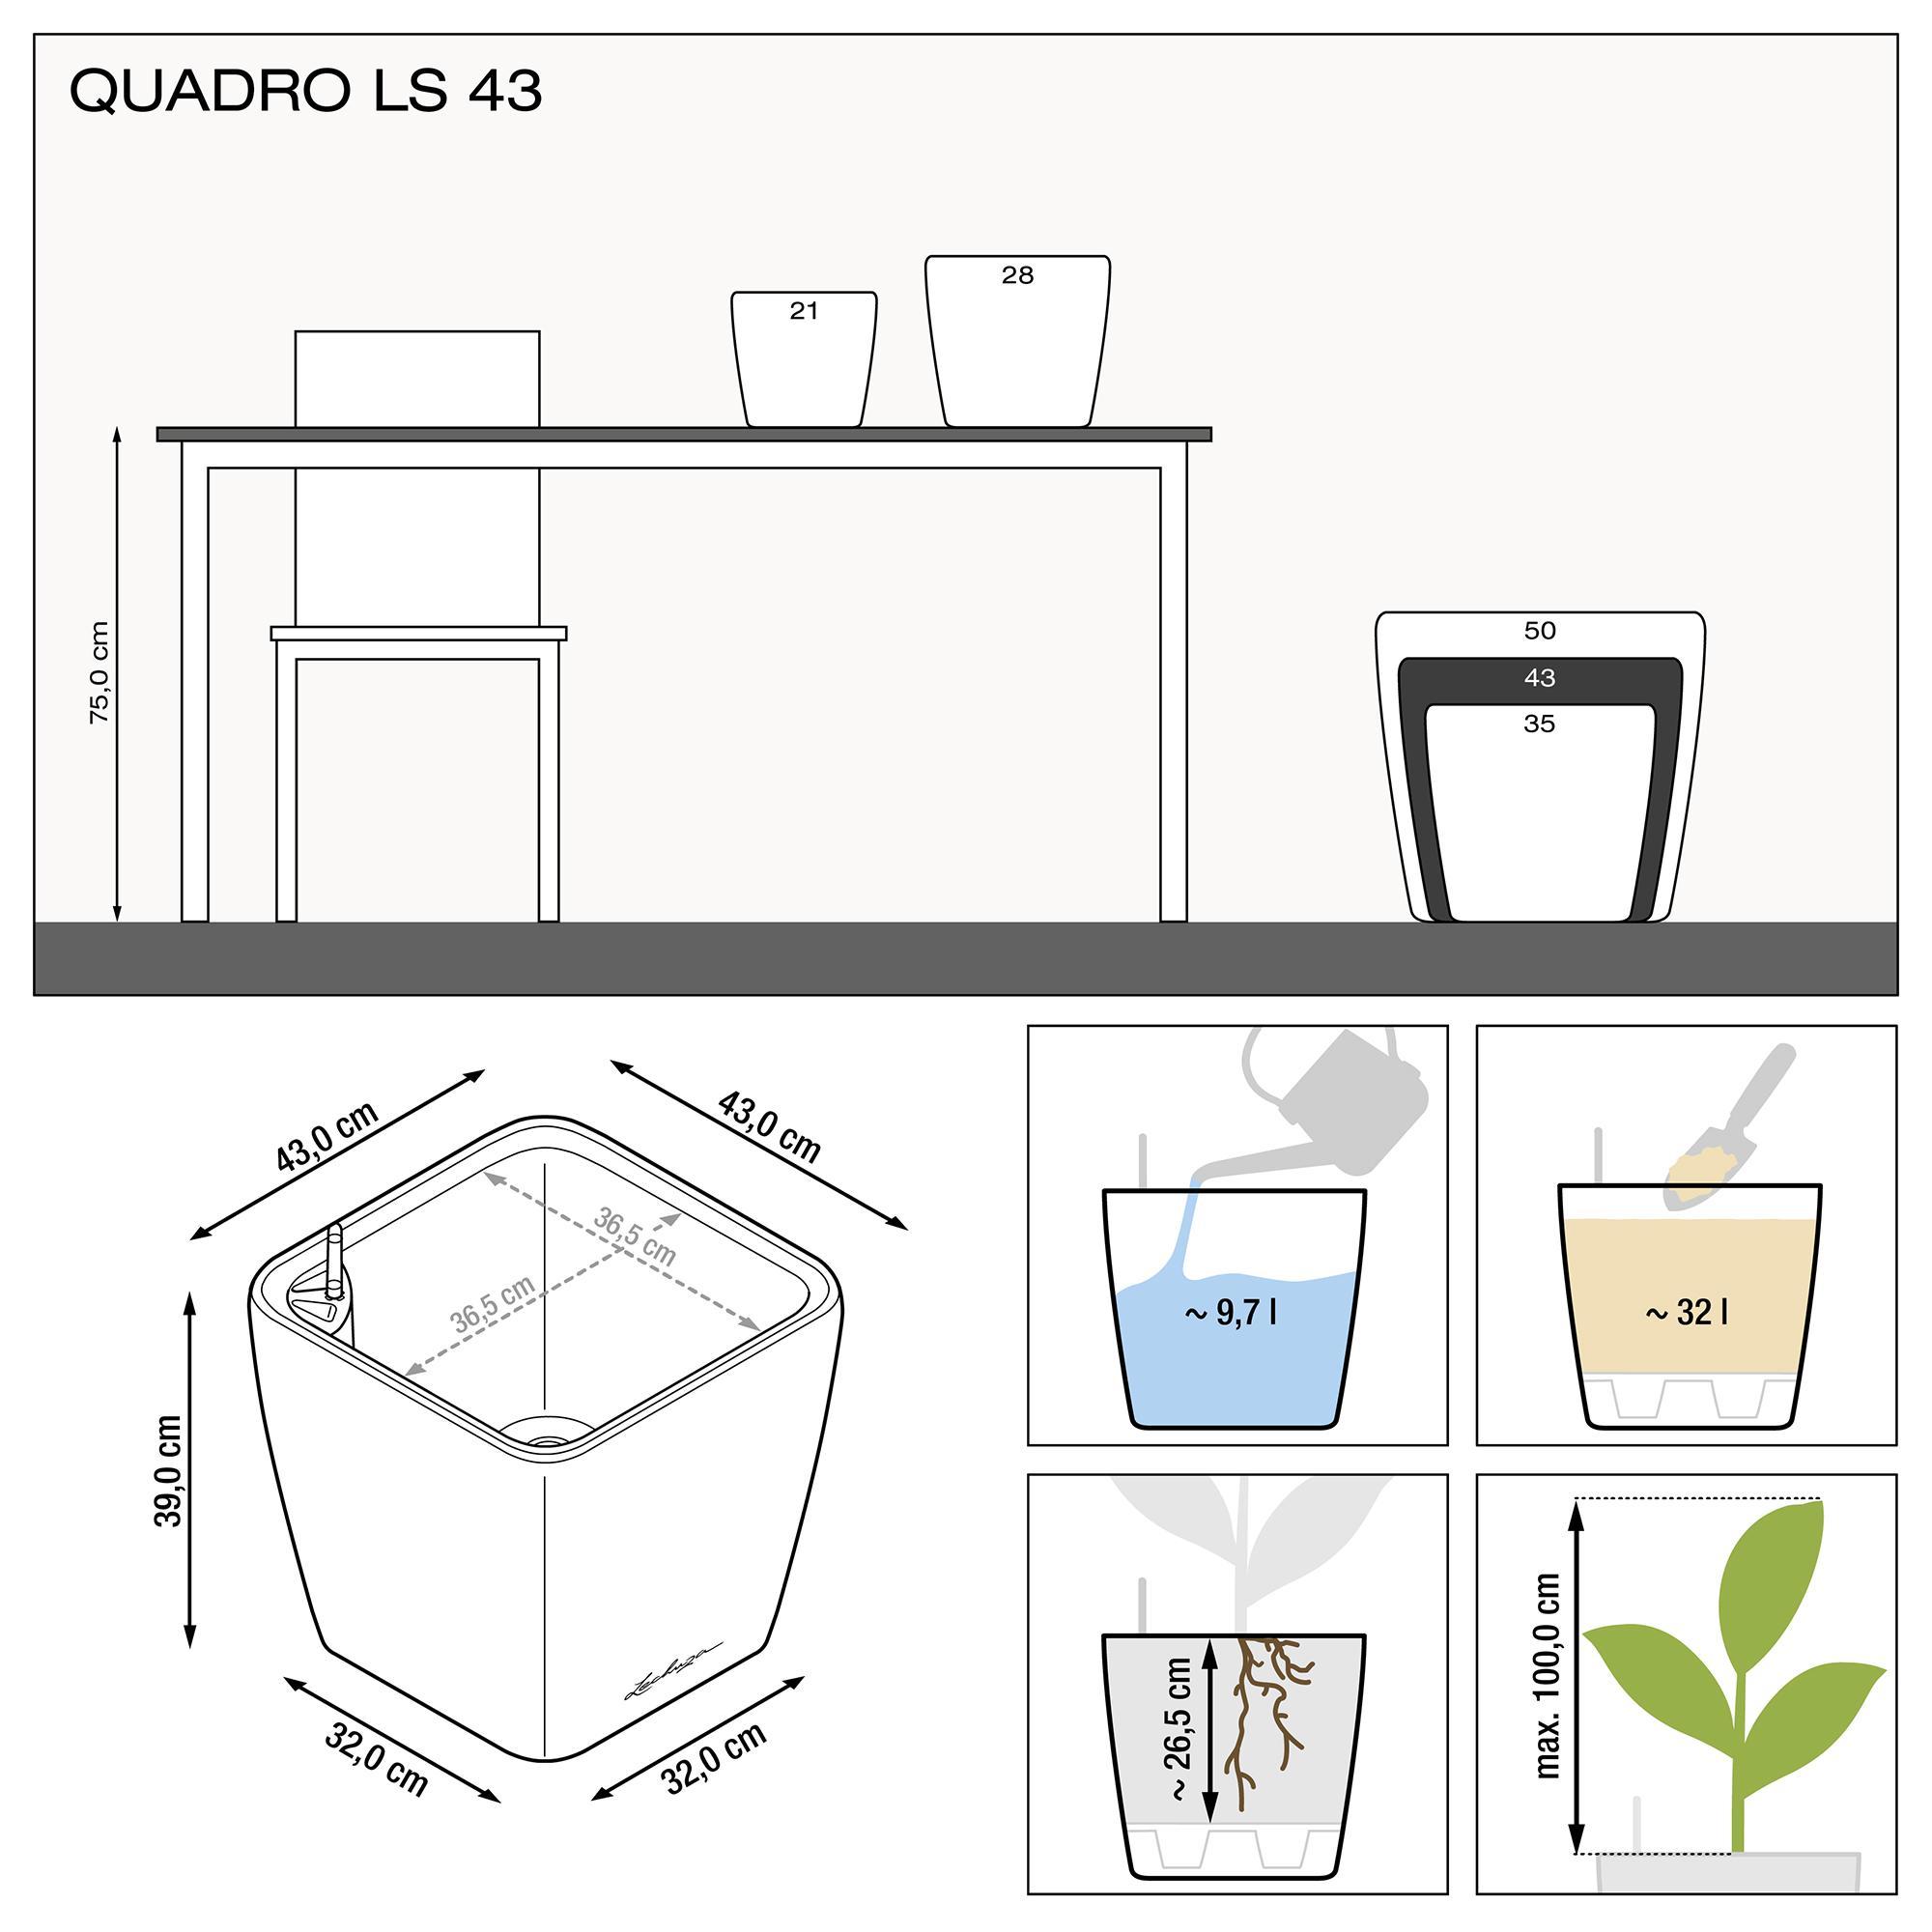 le_quadro-ls43_product_addi_nz